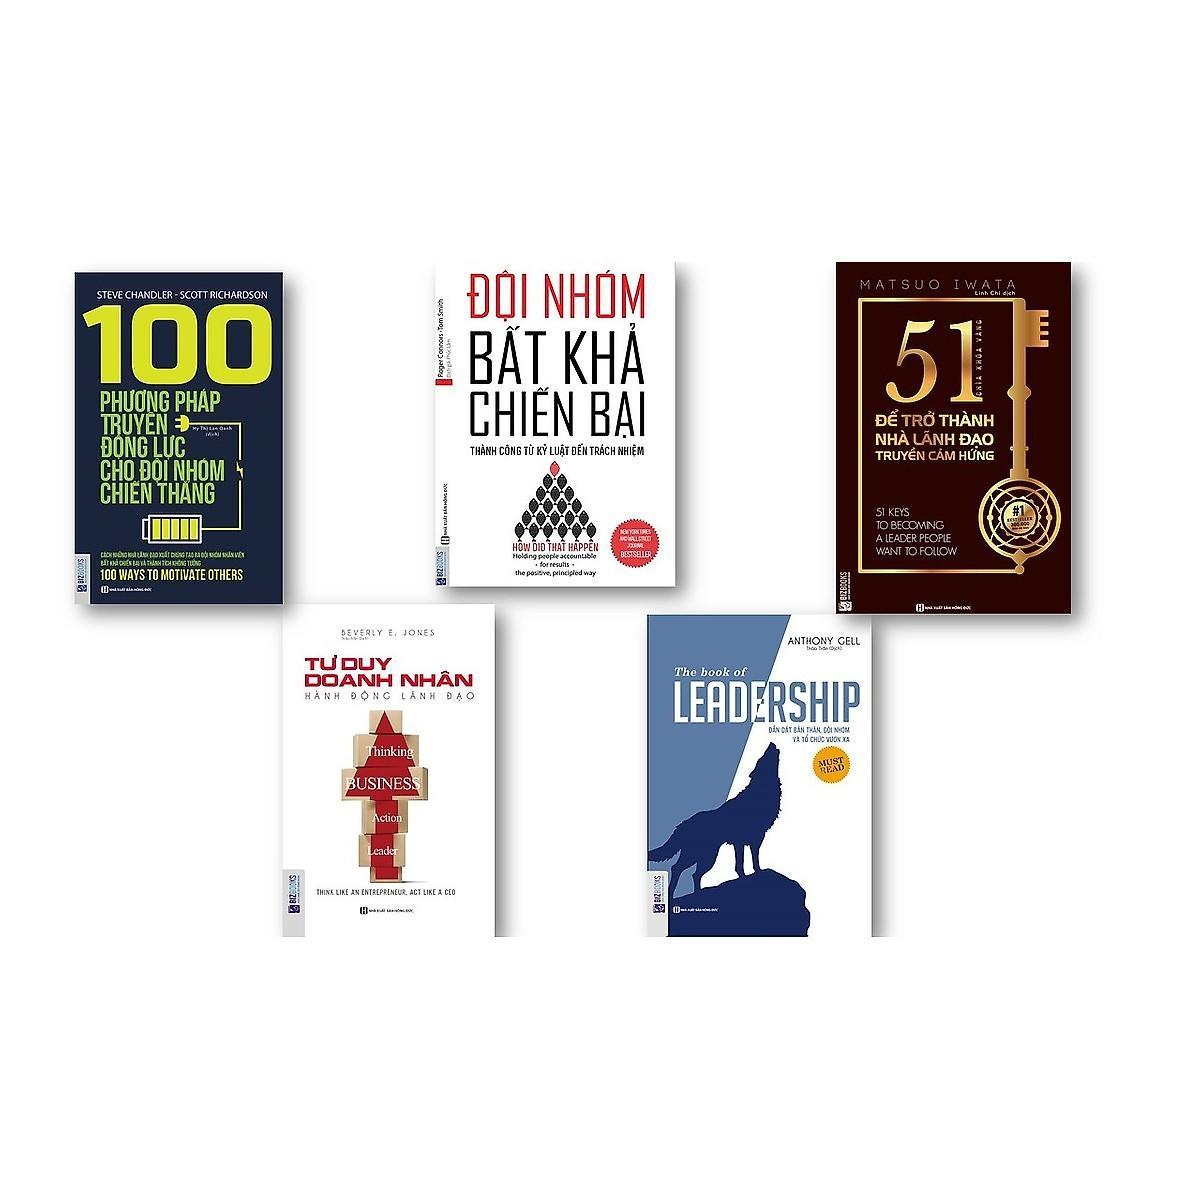 Mua Combo 5 Cuốn sách:The book of leadership + Đội nhóm bất khả chiến bại+51 chìa khóa vàng để trở thành nhà lãnh đạo truyền cảm hứng +Tư duy doanh nhân hành động lãnh đạo+100 phương pháp truyền động lực tặng cuốn 101-lãnh đạo kèm bookm